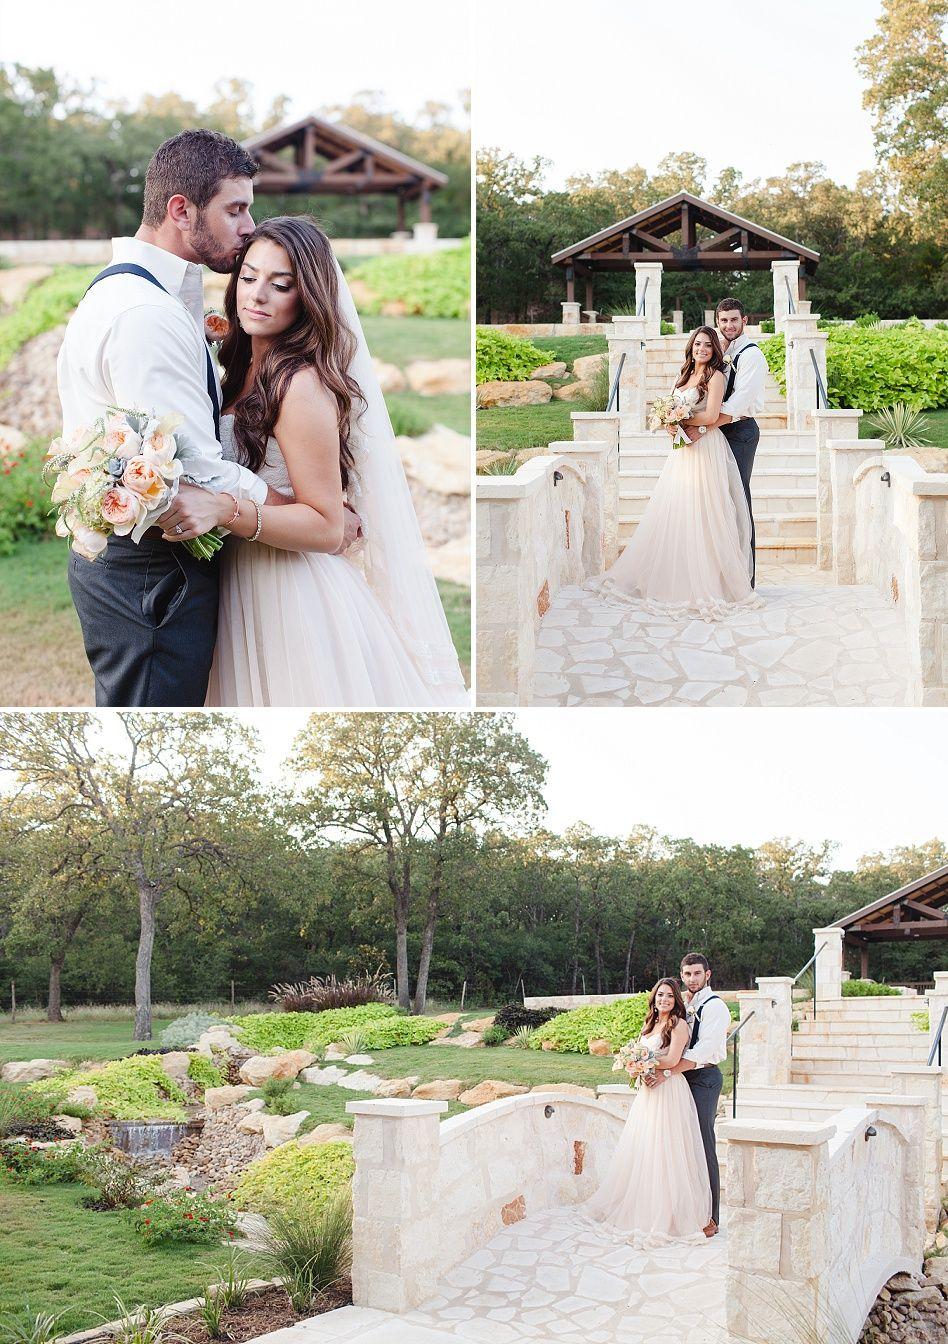 The Ranch style wedding venue in Denton | Wedding venues ...